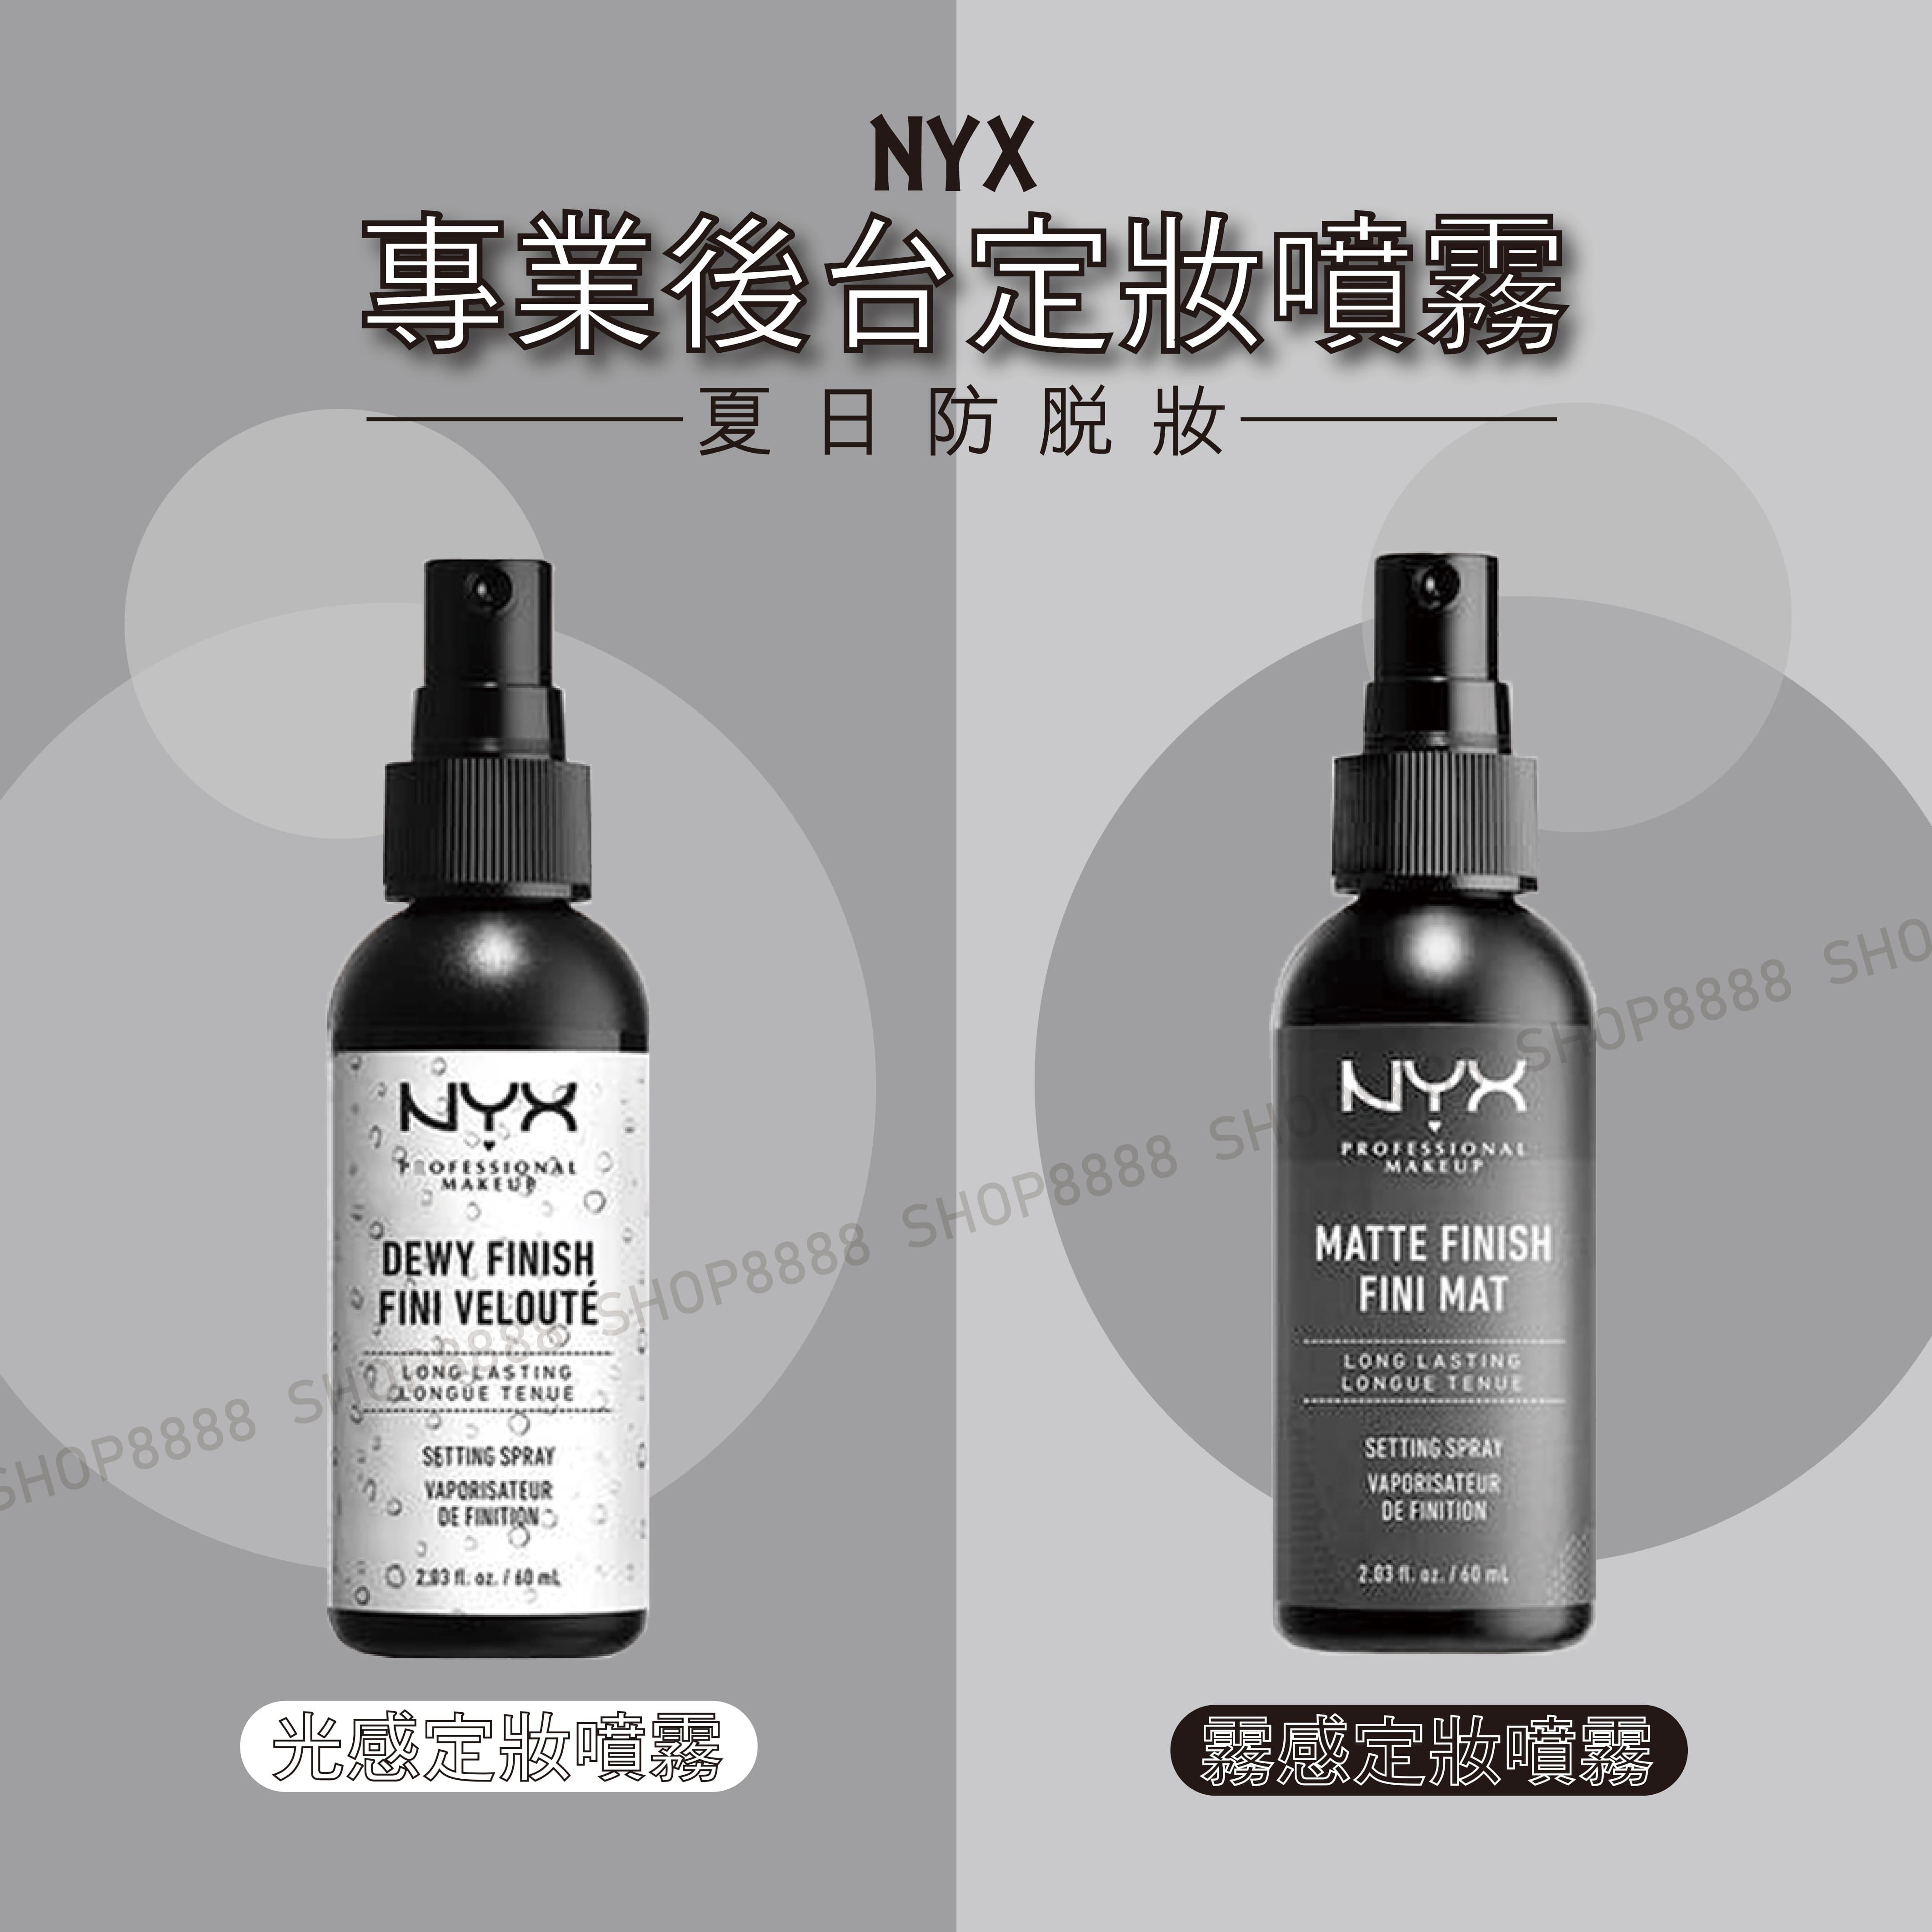 NYX 專業後台定妝噴霧 霧感 光感 補水保濕定妝 不脫妝必備 60ml